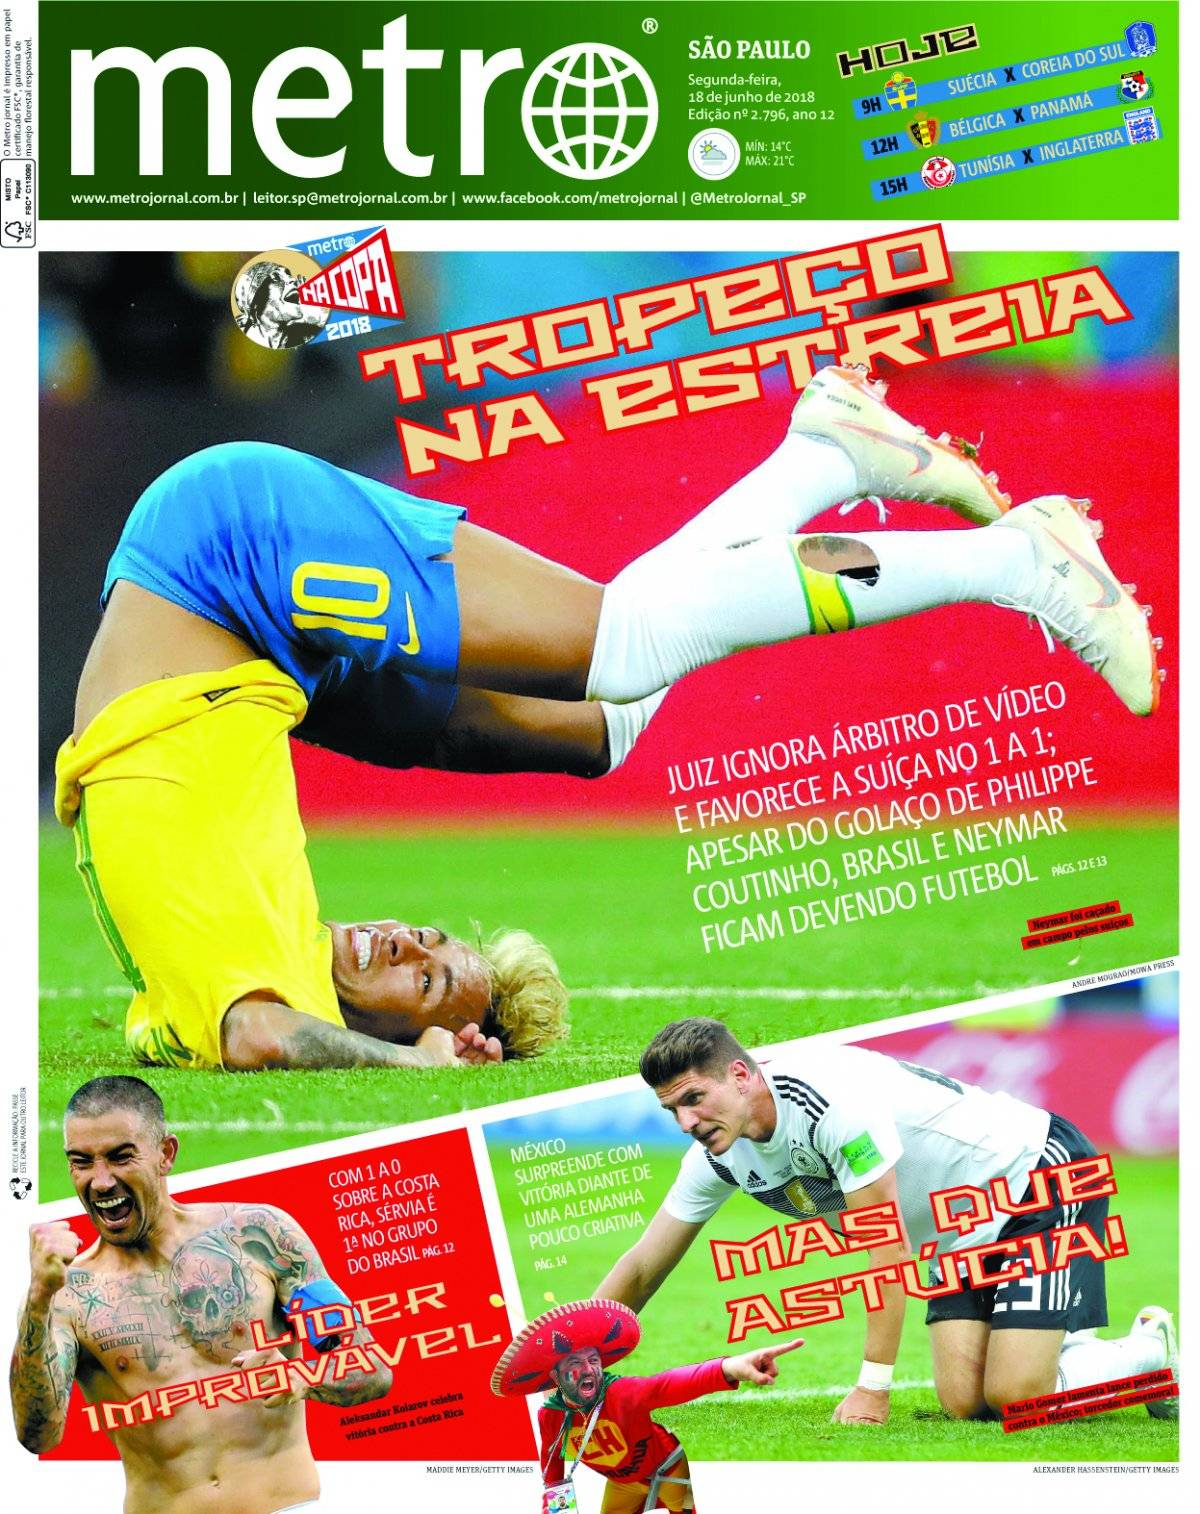 16 de junho. A Copa da Rússia começou com esperança para o Brasil, mas logo na estreia já dava para perceber faltava um certo equilíbrio; melhor para a França, que ficou com a taça